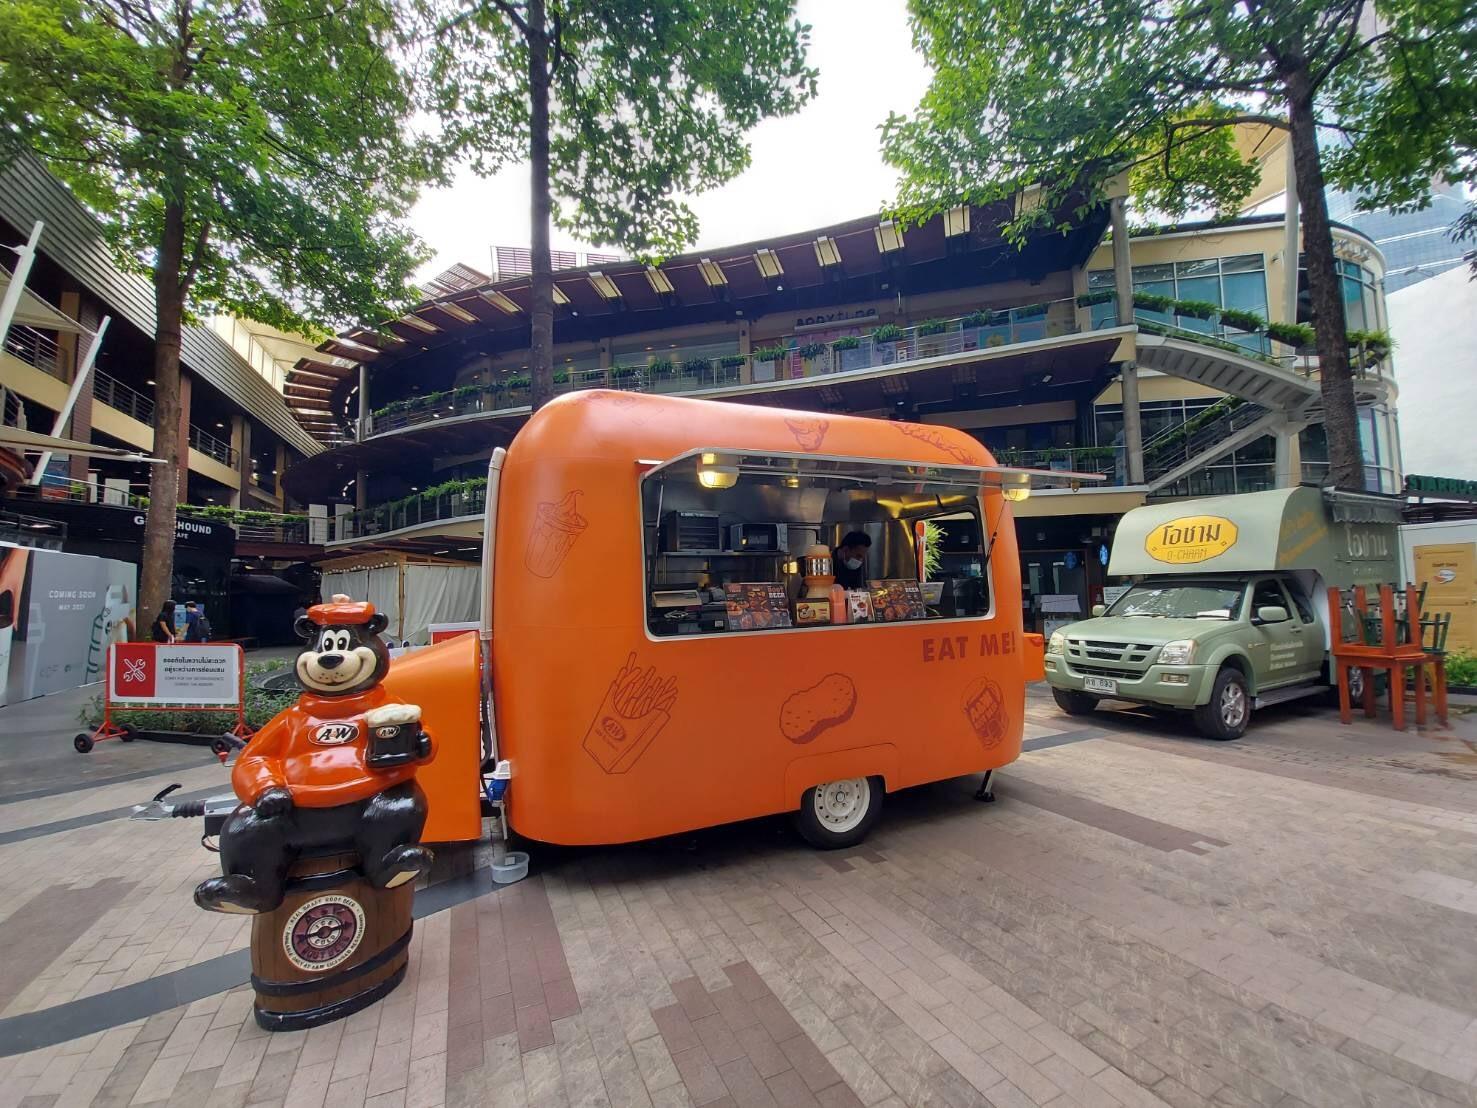 A&W Food Truck จอดรอคนหิวทั้งเดือนพฤษภาคม ที่ย่านวิภาวดี-บางนา